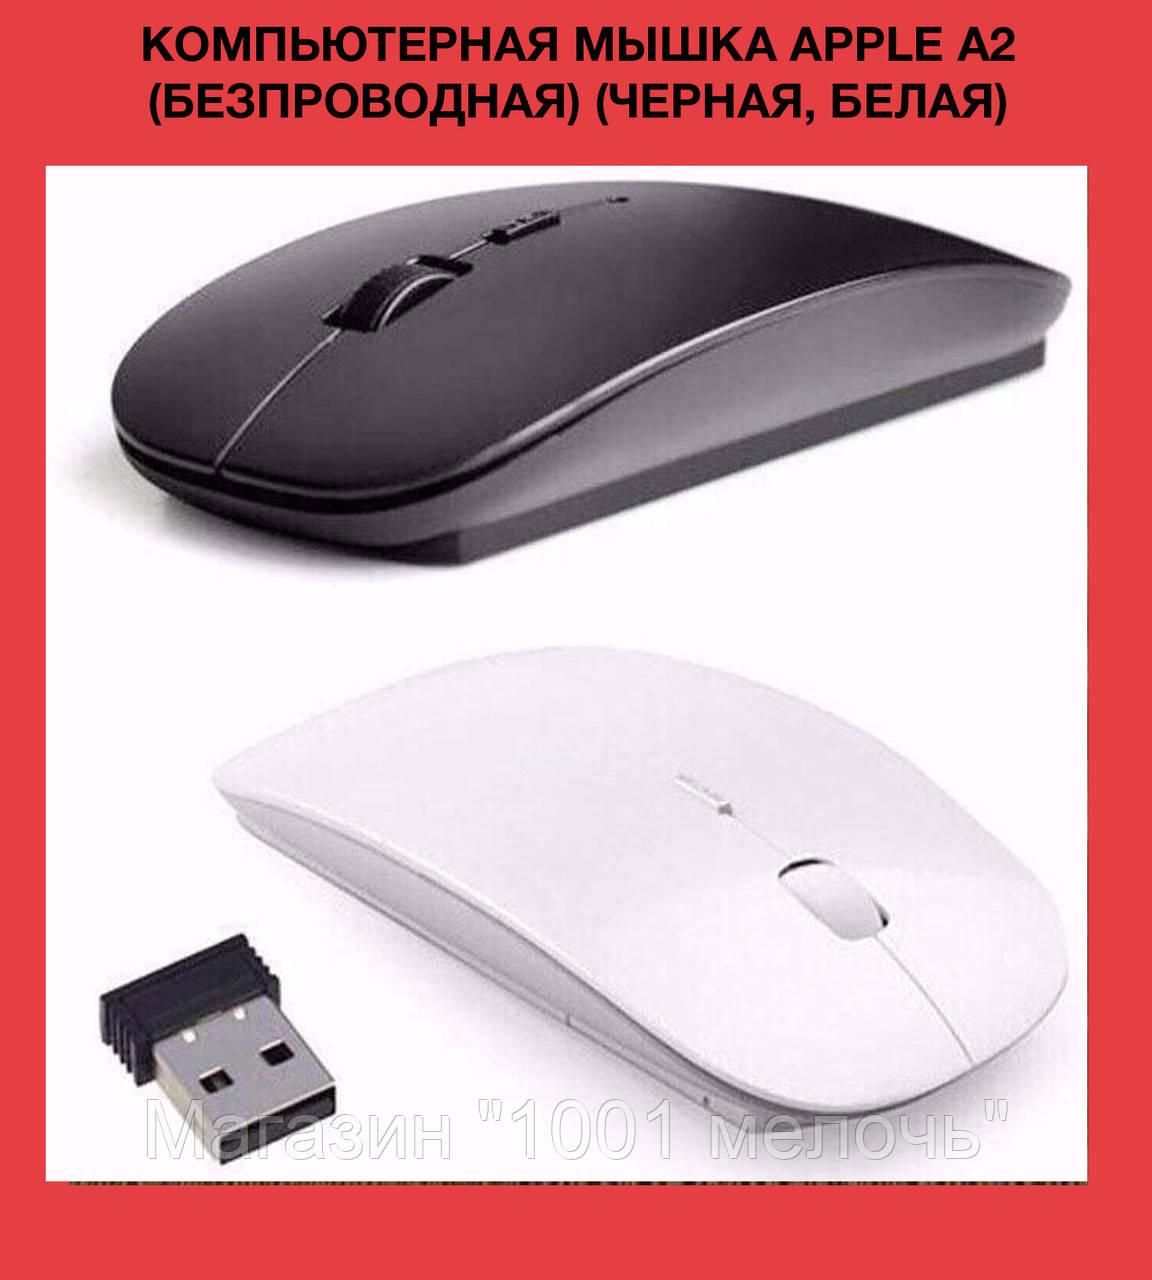 Компьютерная Mышка Apple А2 (беспроводная) (черная, белая)